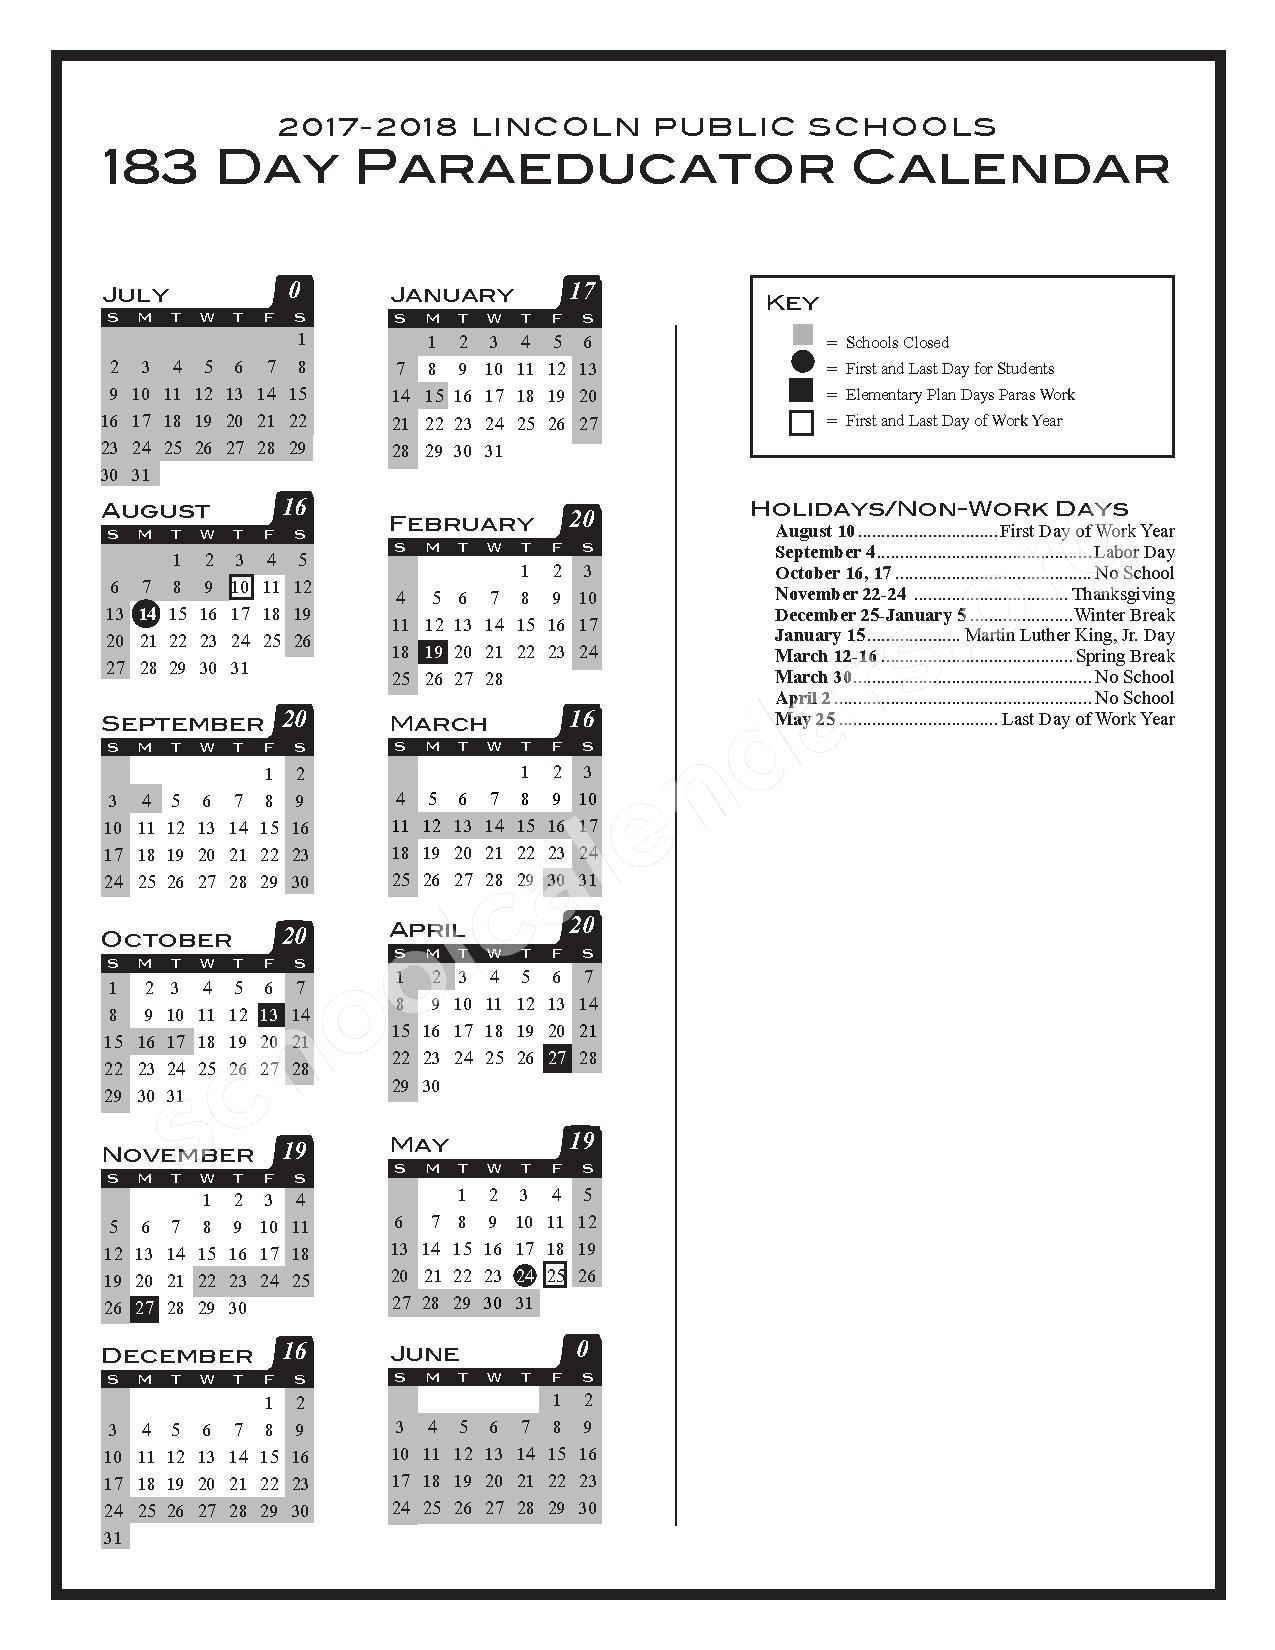 2017 - 2018 183-day Paraeducator Calendar – Lincoln Public Schools – page 1